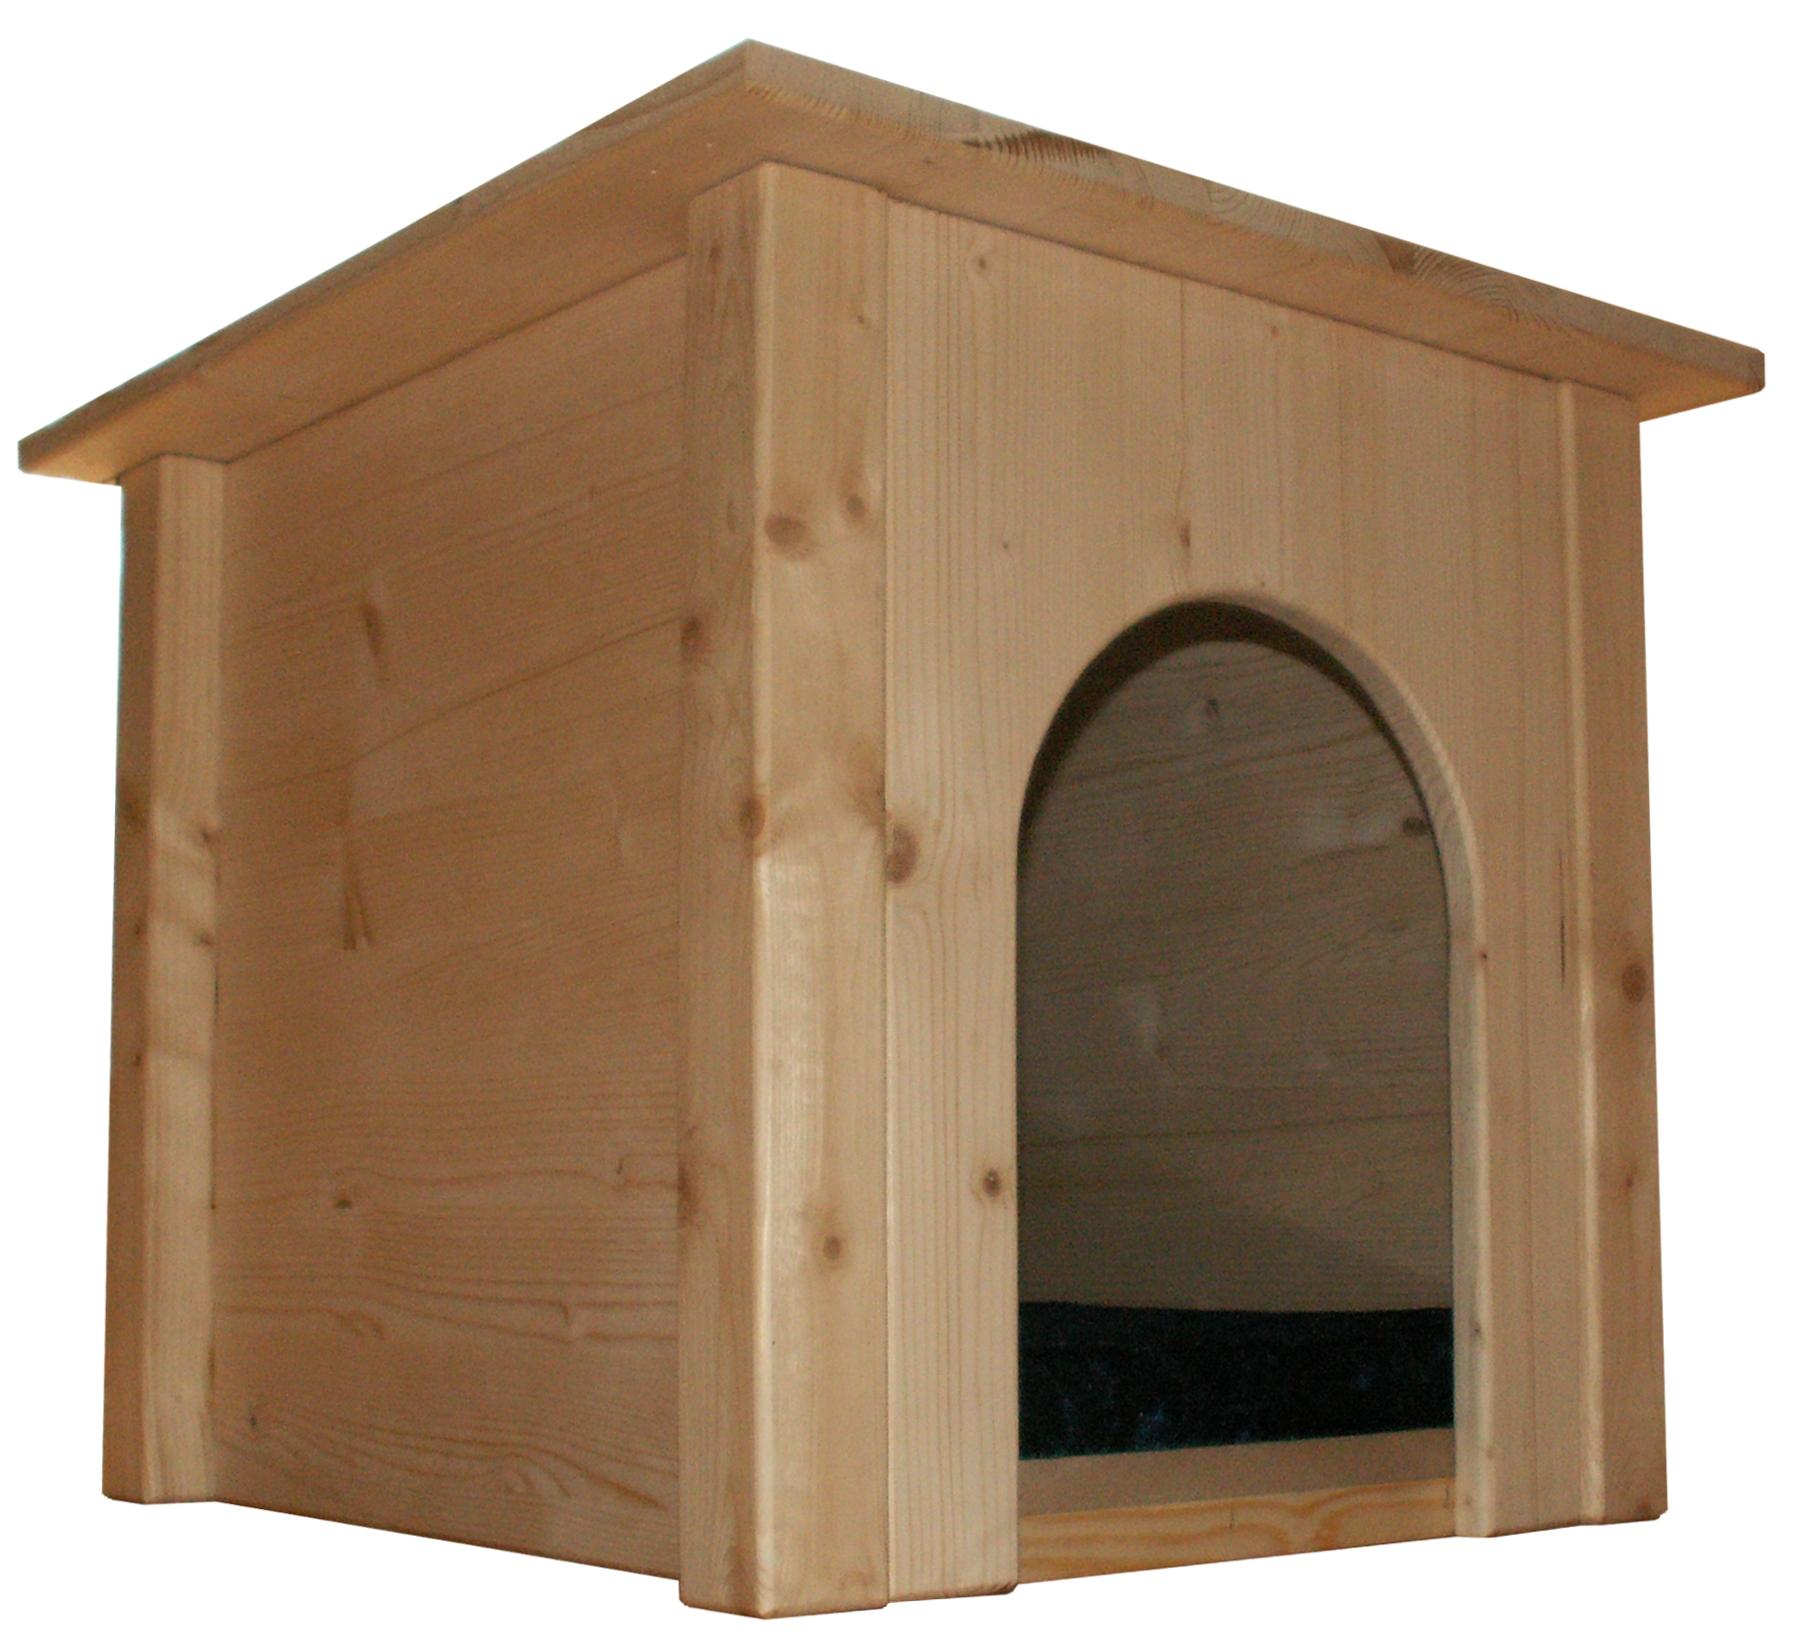 hundeh tte f r die wohnung zu verkaufen in werdau tiere. Black Bedroom Furniture Sets. Home Design Ideas